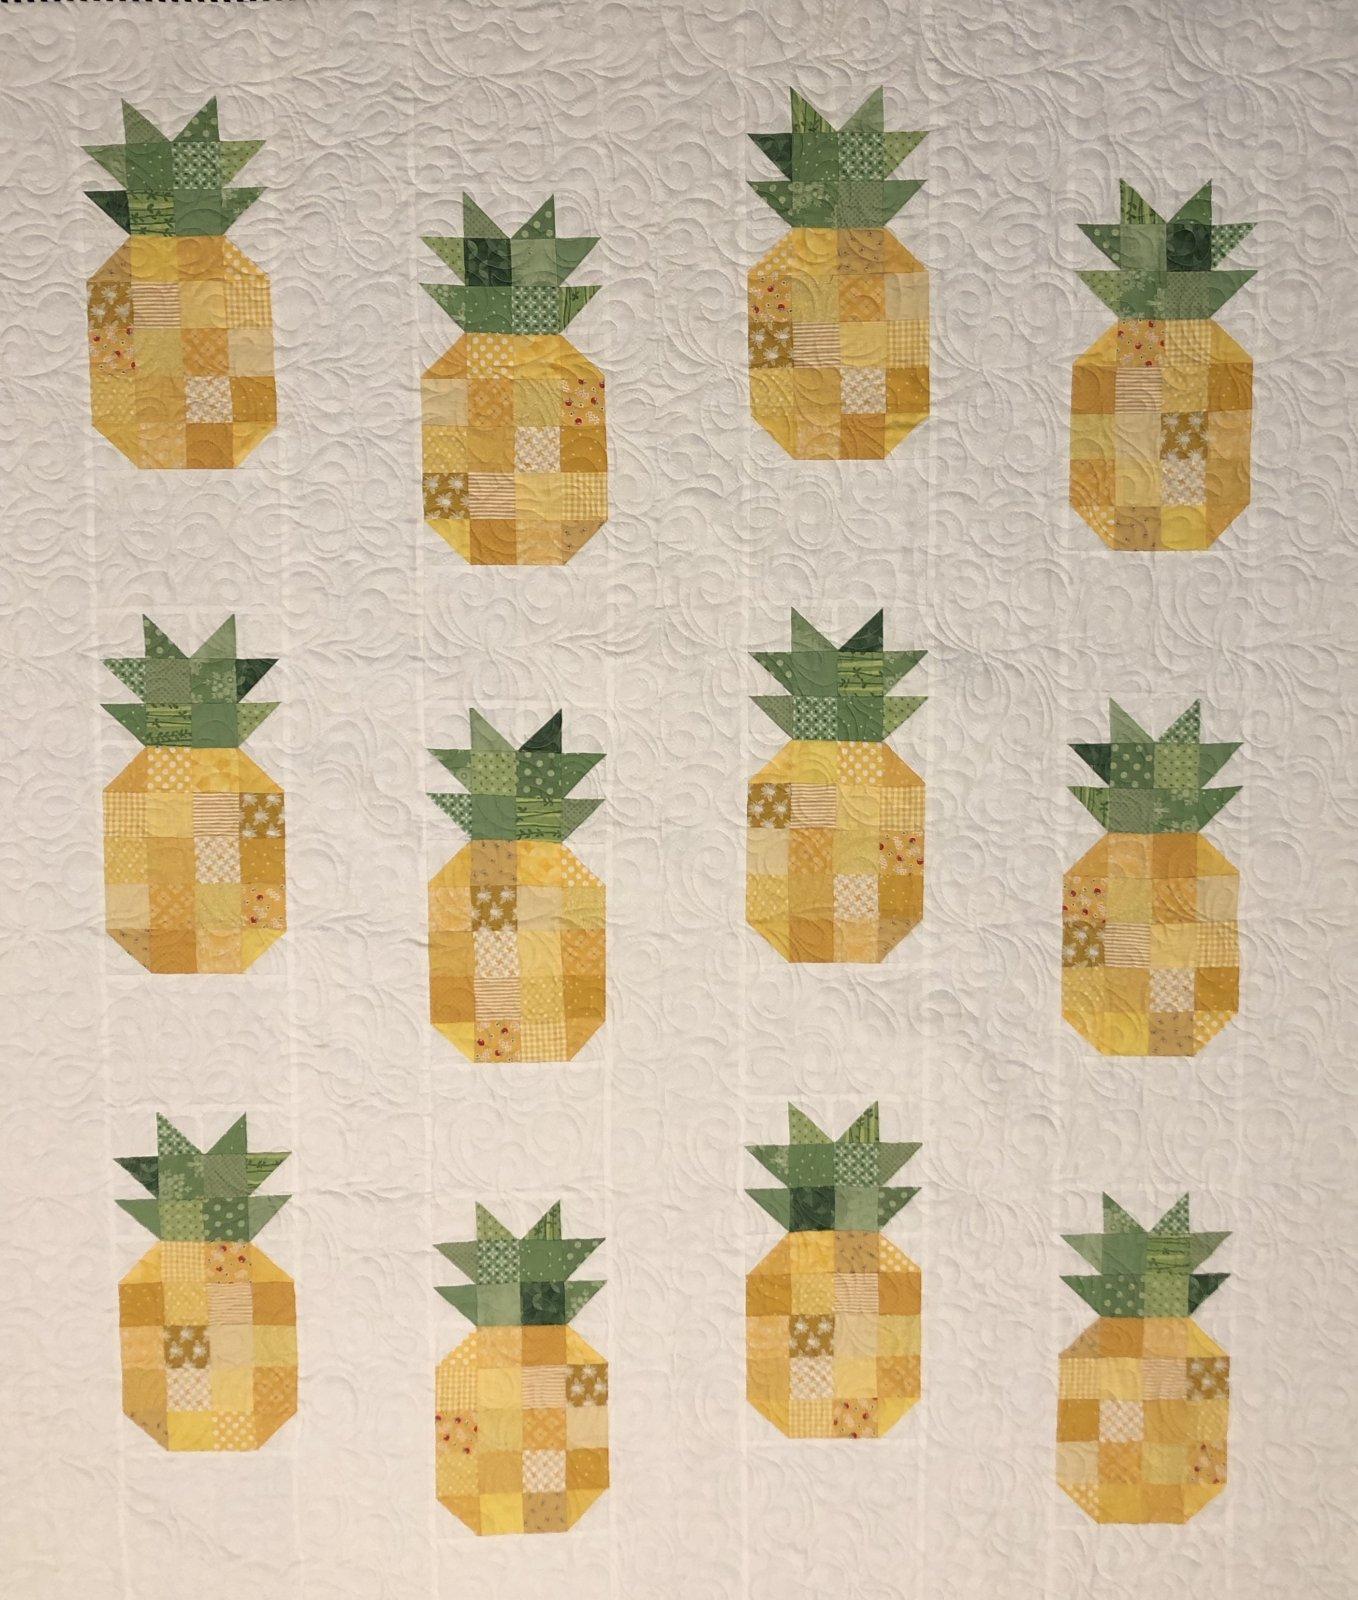 Pineapple Quilt Kit